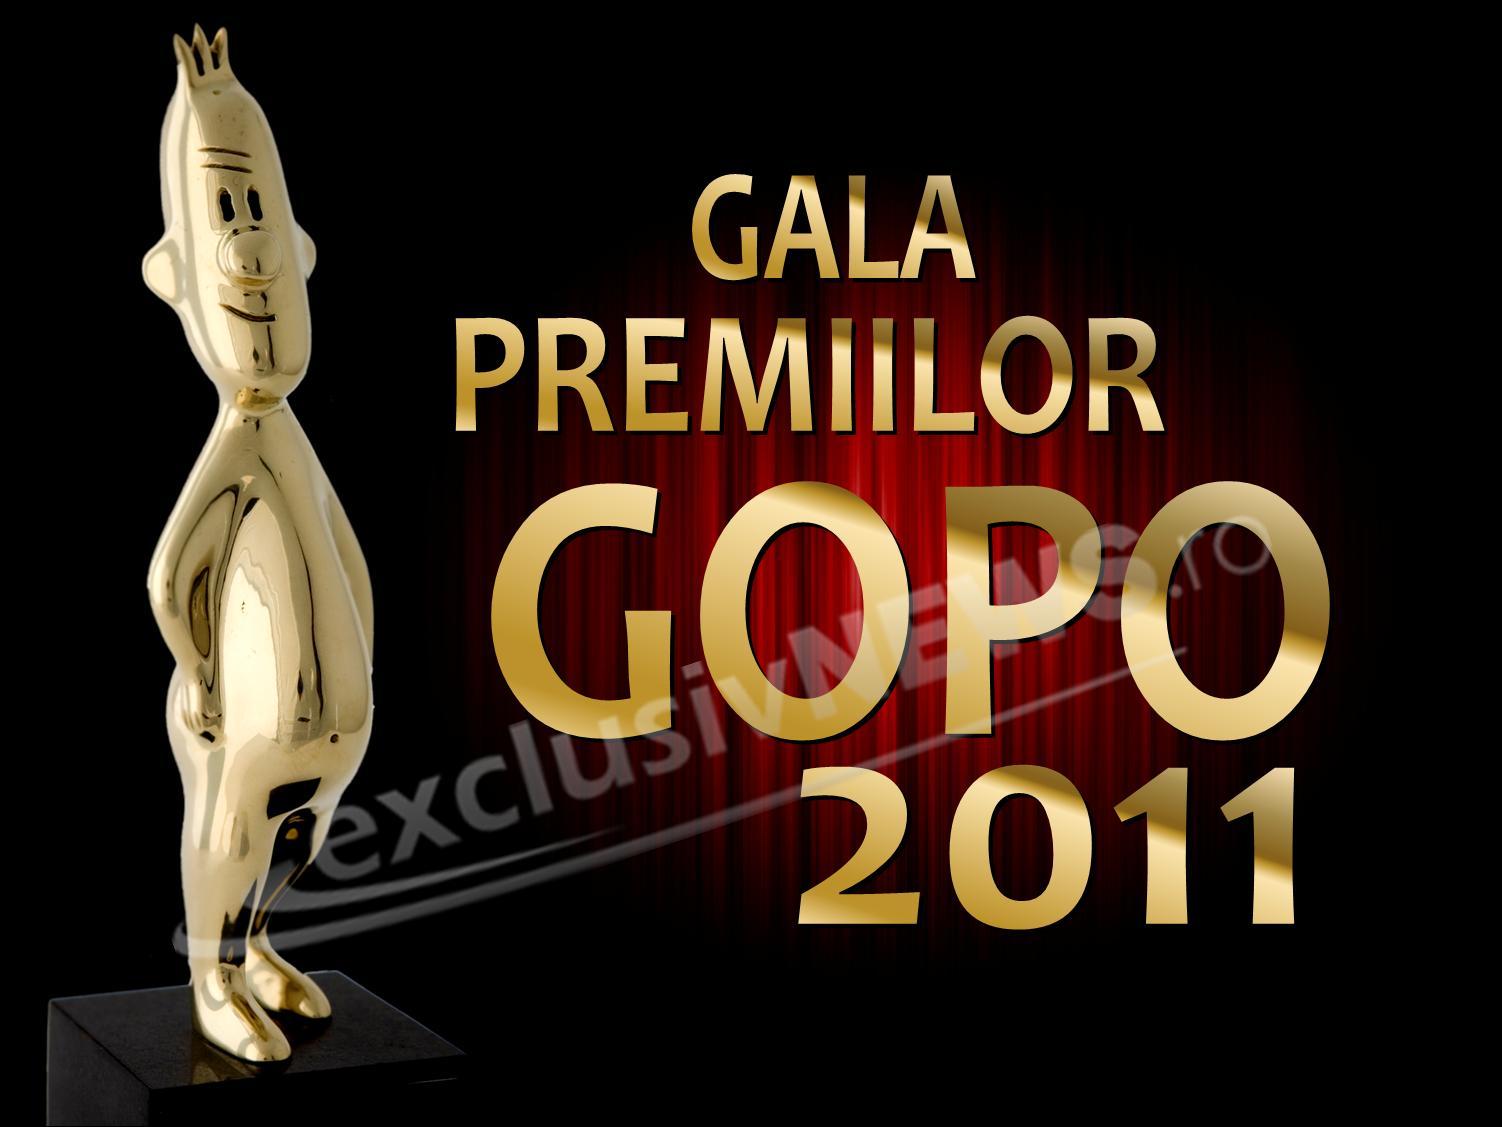 Barbatii SARTO la Gala Premiilor Gopo 2014 - Moda Masculina  |Premiile Gopo